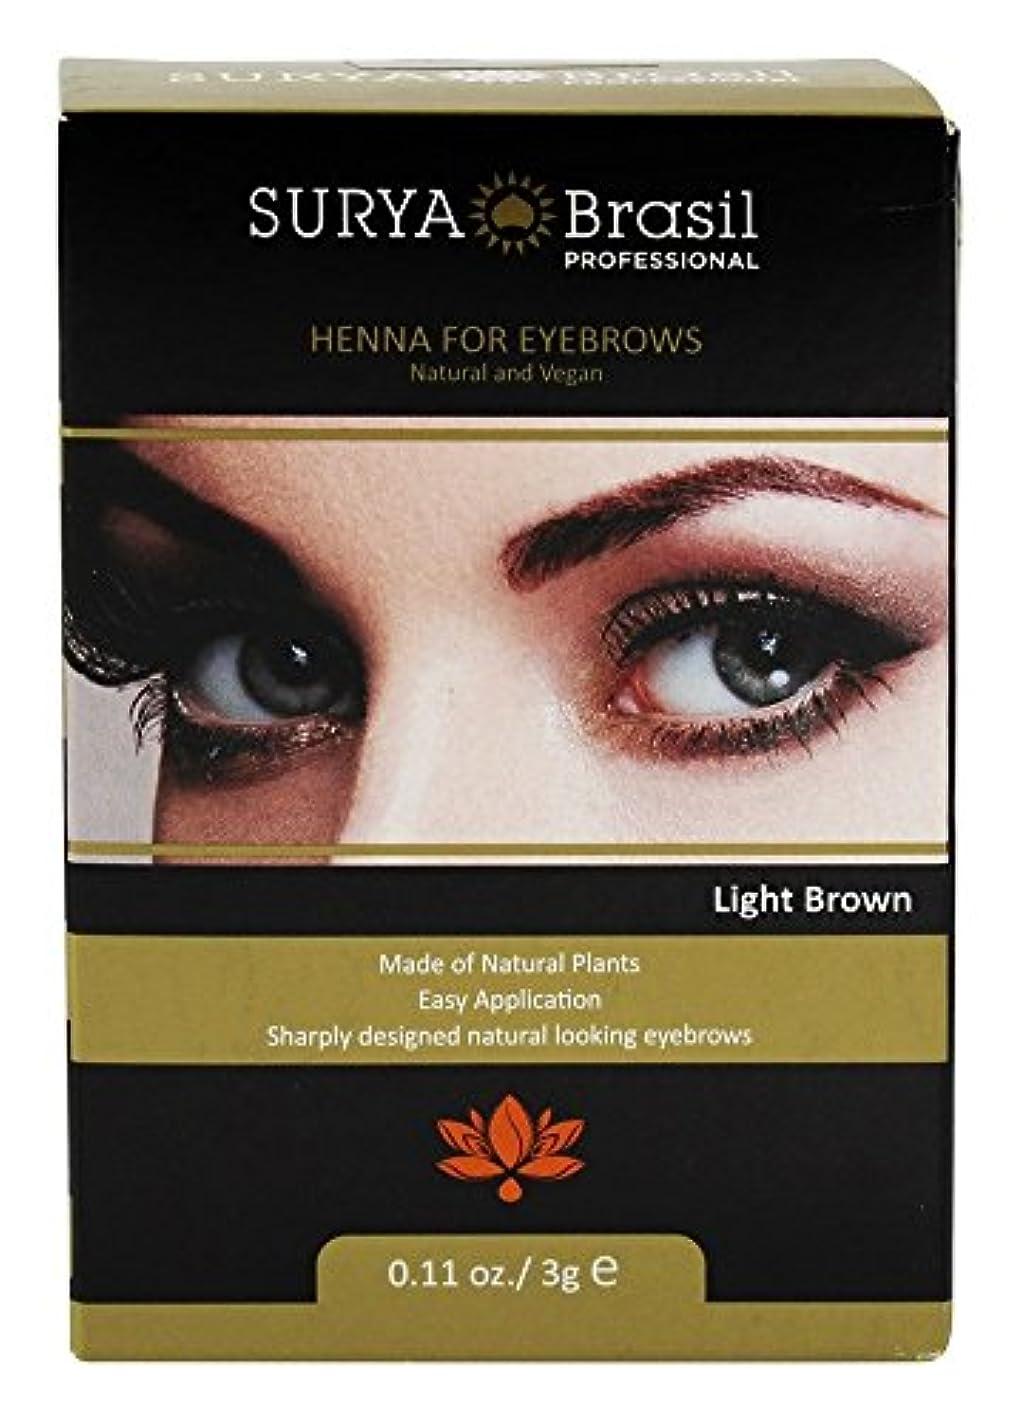 癒すシールド羊飼いSurya Brasil Products 眉毛のためのヘナ、 0.11液量オンス 淡い茶色